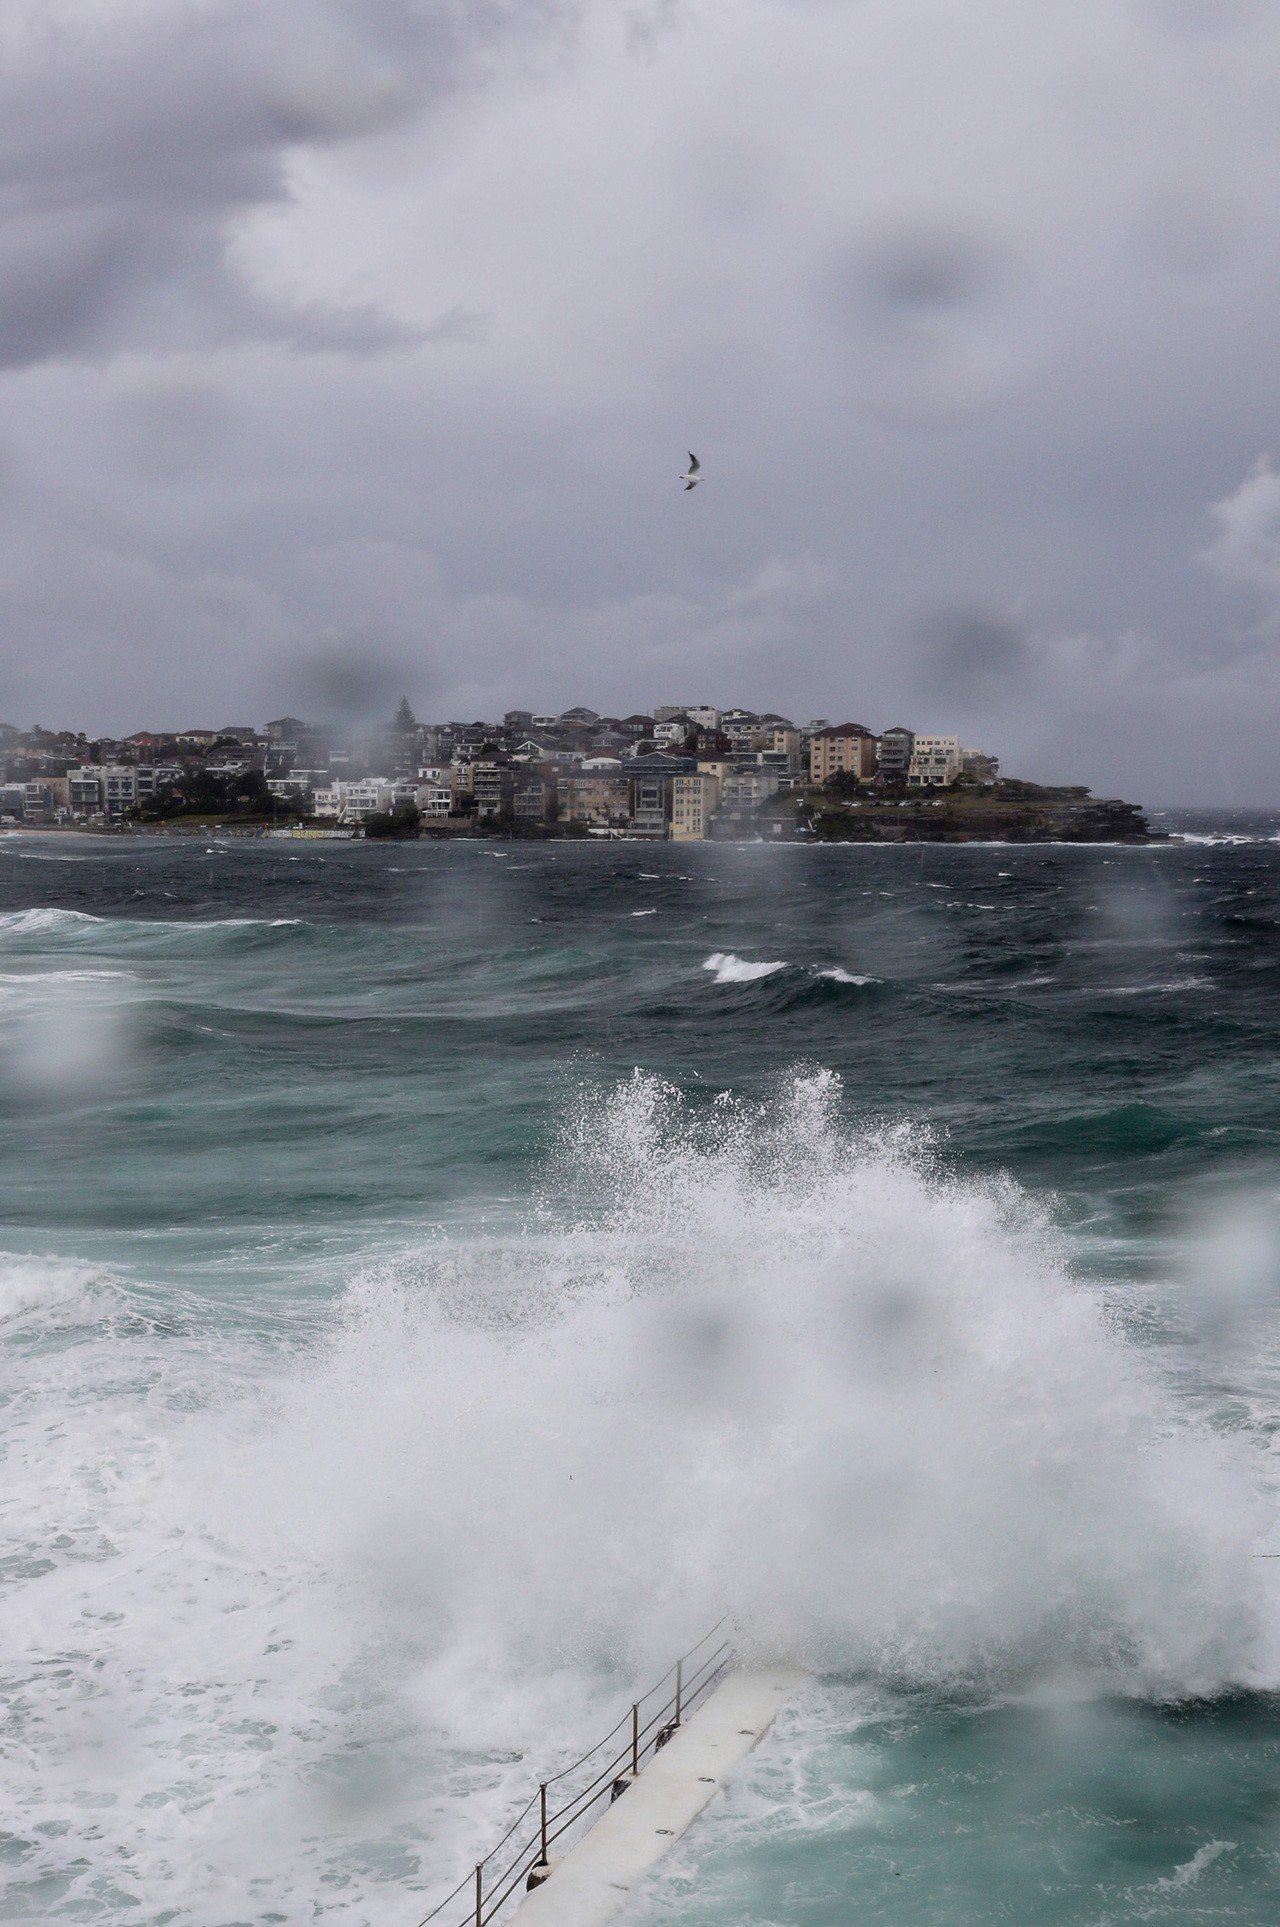 雪梨知名景點邦黛海灘28日捲起大浪,天色昏暗。(新華社)